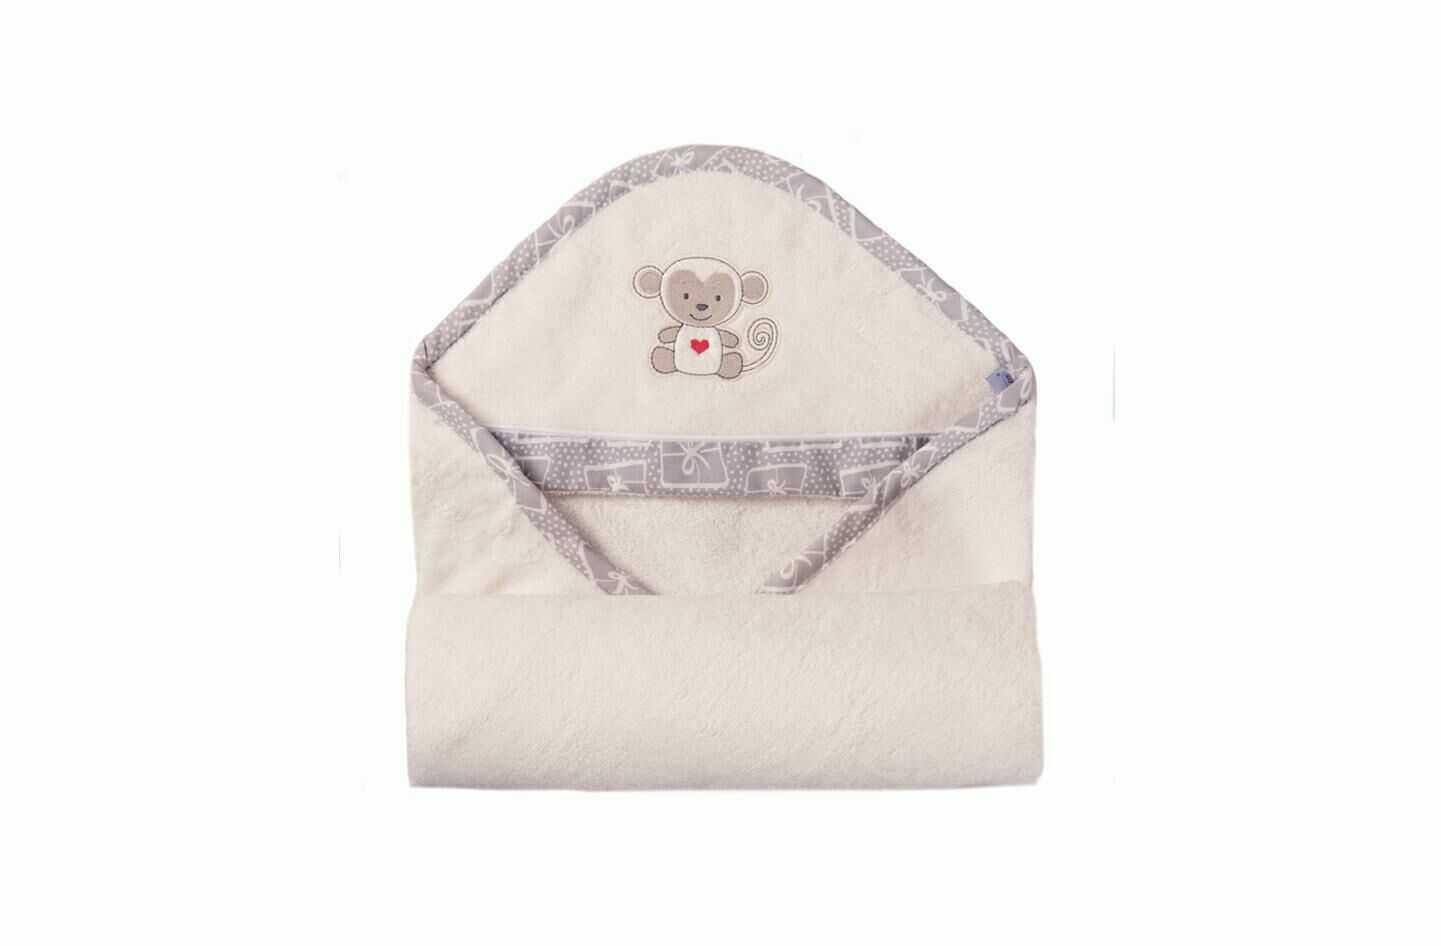 Okrycie kąpielowe niemowlęce 100x100 Bamboo 01 biały ręcznik z kapturkiem